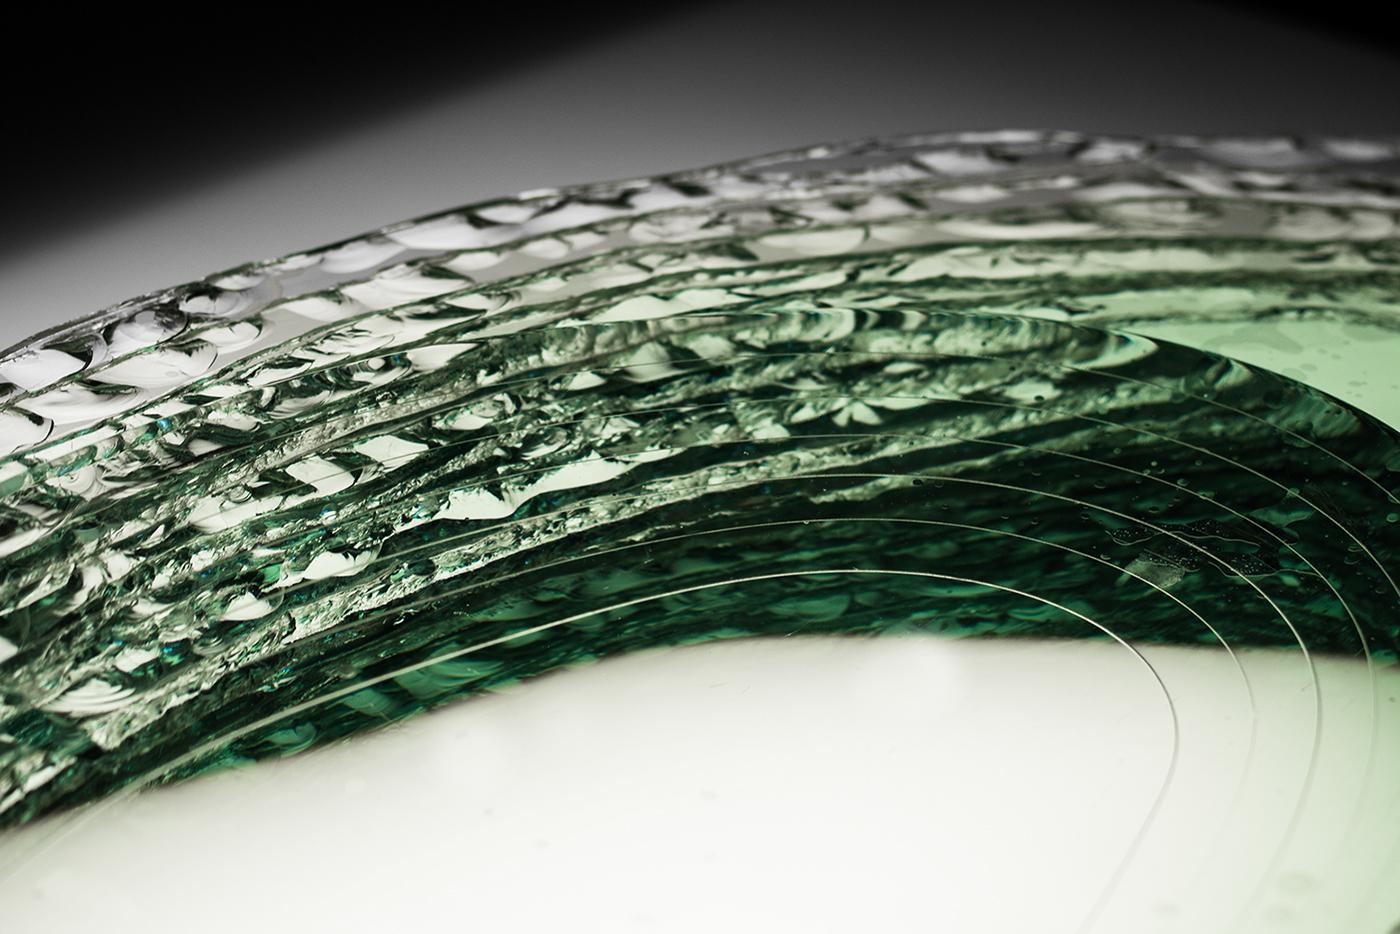 sculpture glass transparent green light minimal emptiness